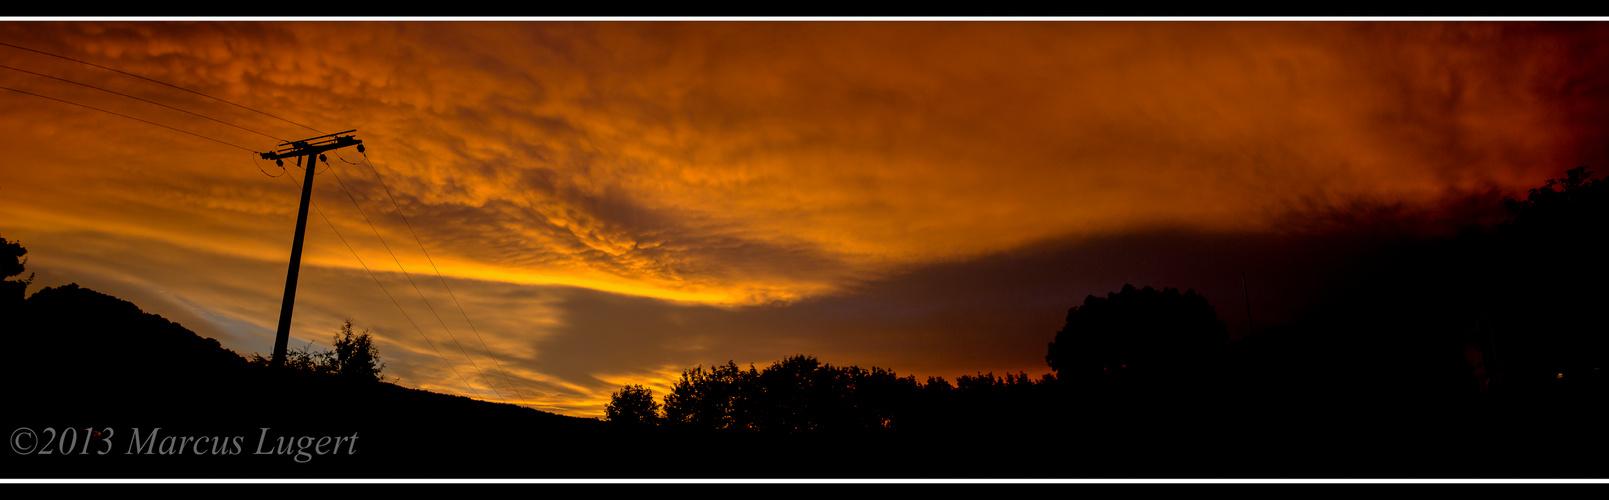 Wolken nach Gewitter